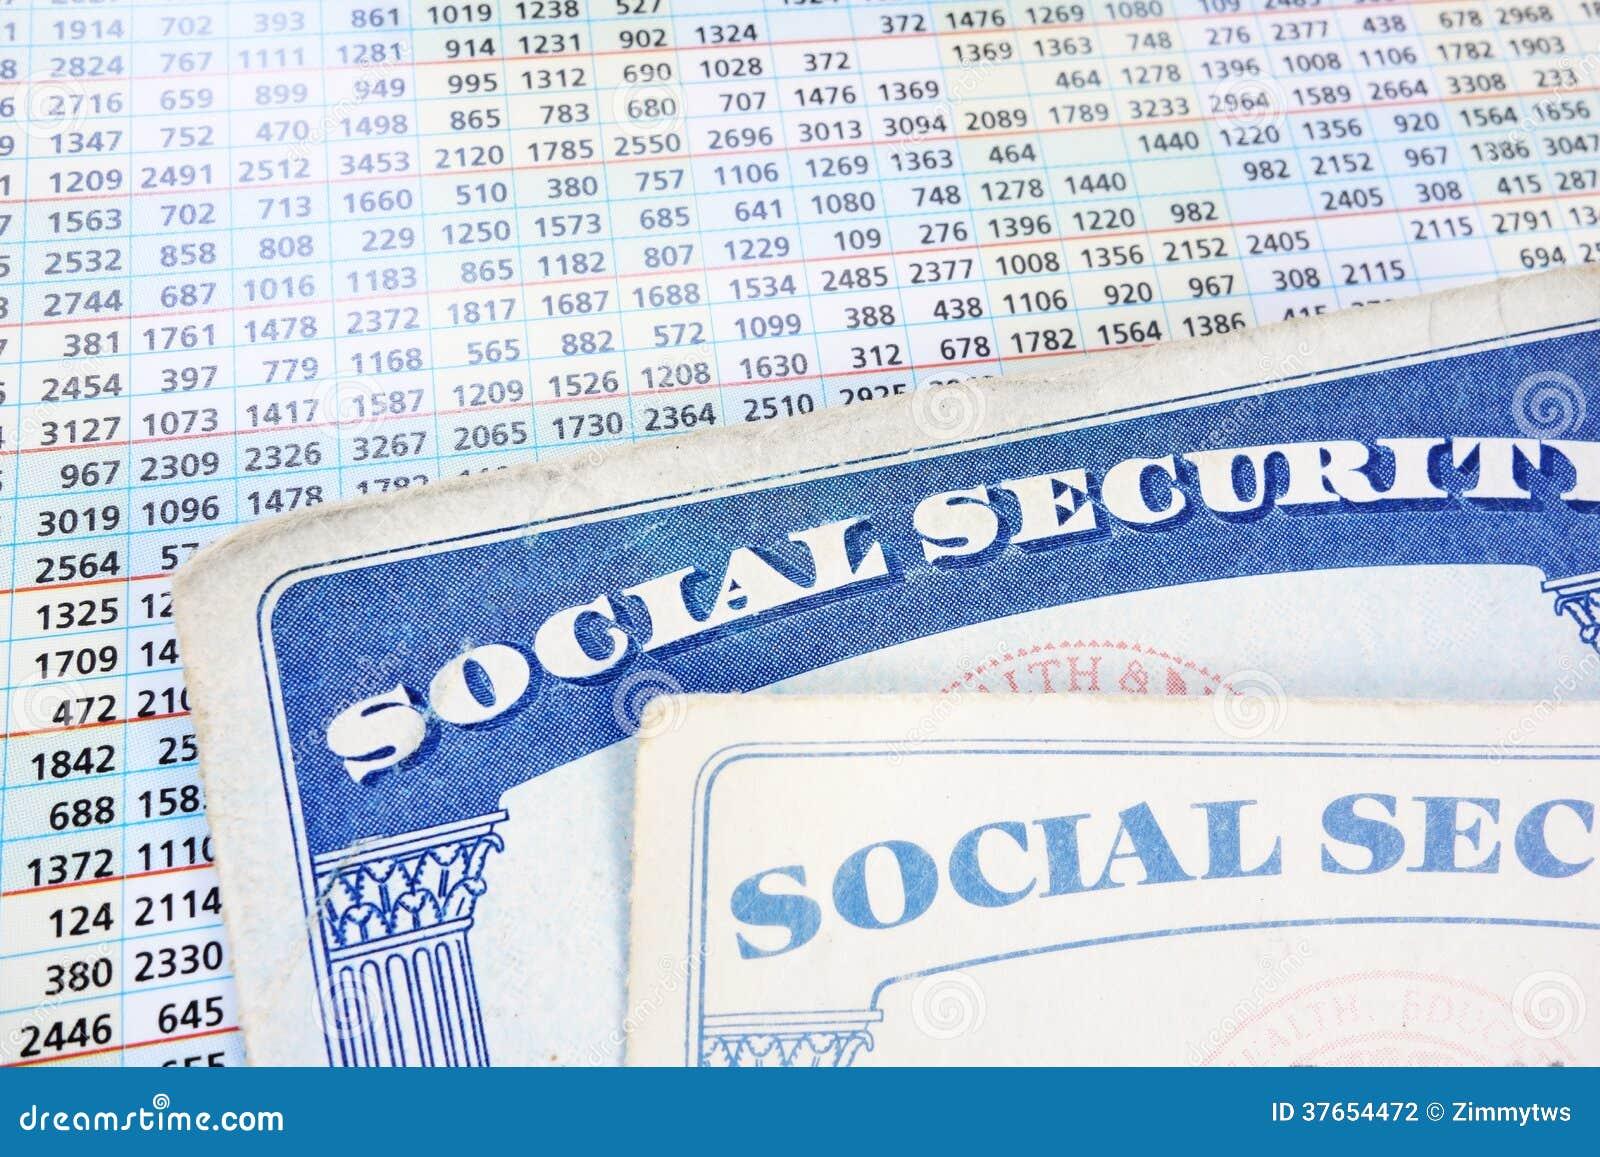 Carte e numeri di sicurezza del Soc